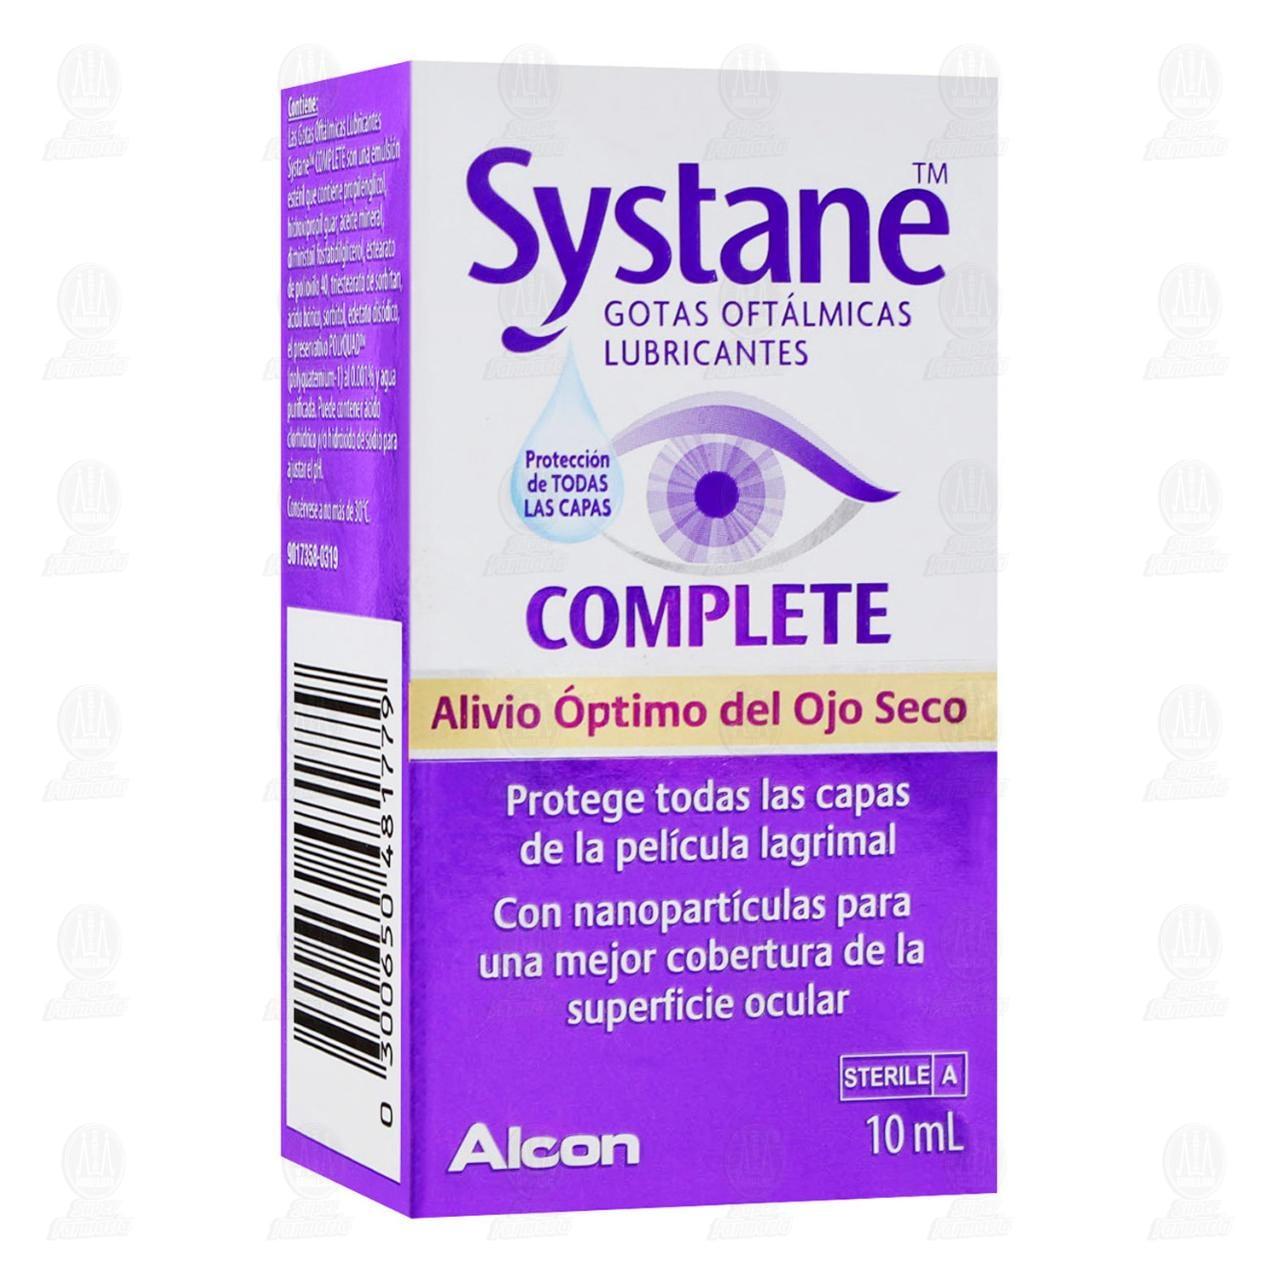 Comprar Systane Complete 10 ml Gotas Oftálmicas Lubricantes en Farmacias Guadalajara